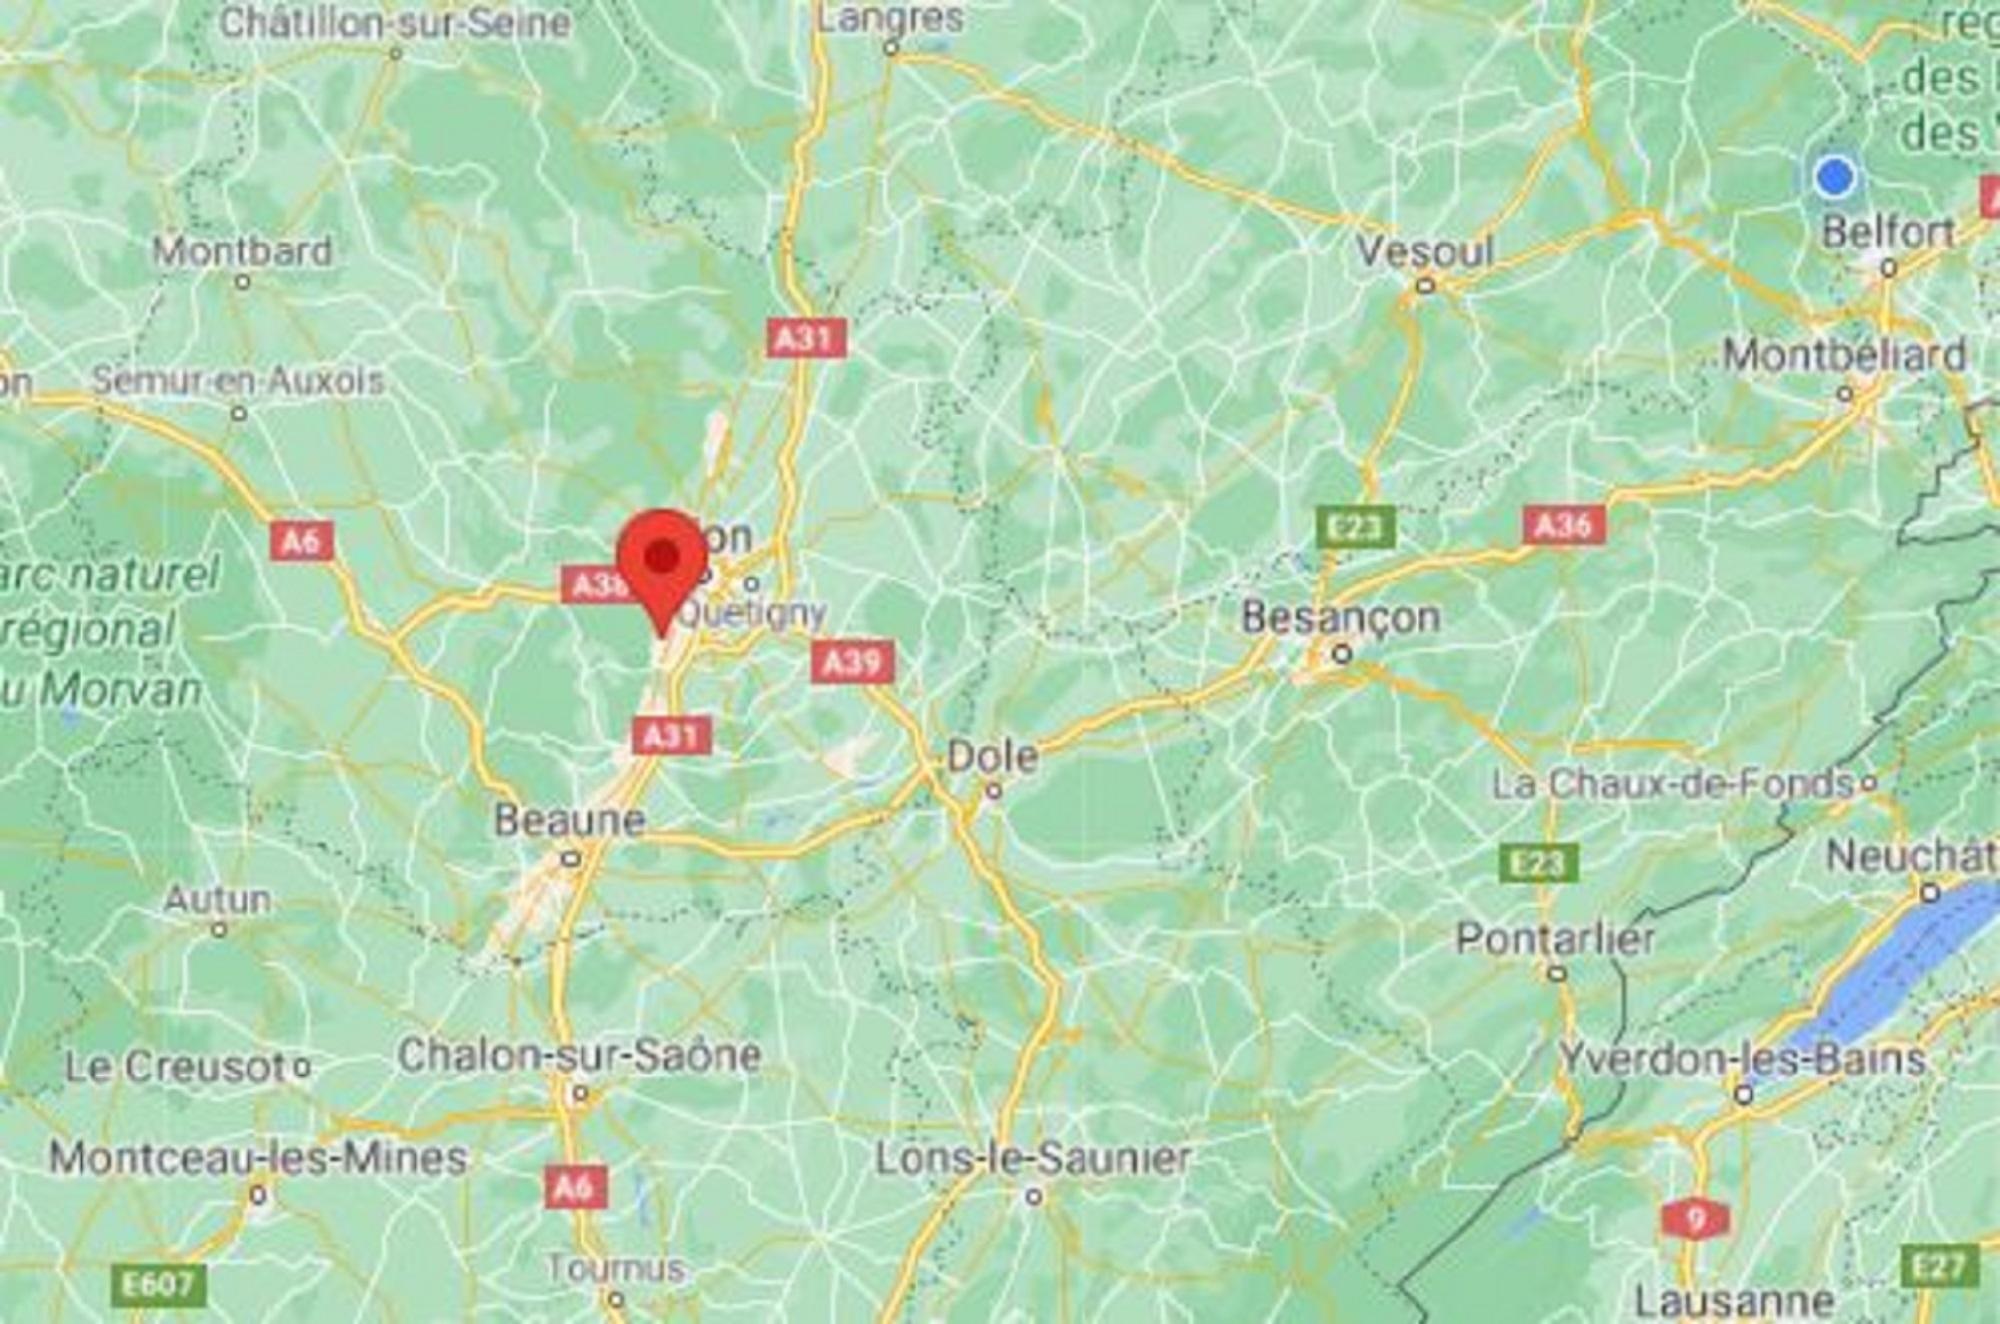 La soirée était organisée à Couchey, près de Dijon. (copie d'écran Google Maps)